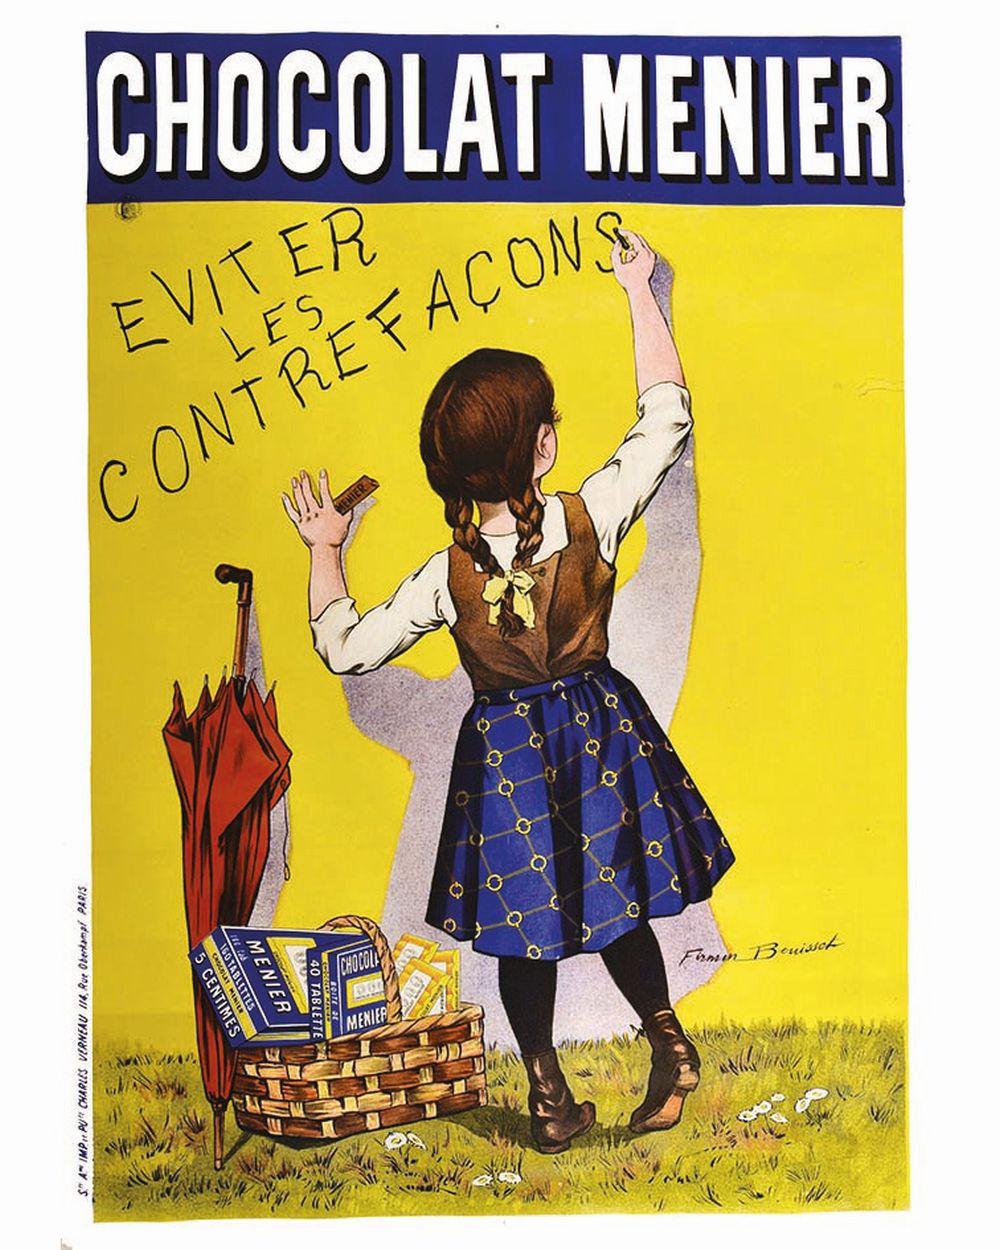 BOUISSET FIRMIN - Chocolat Menier - Eviter les Contrefacons     1895